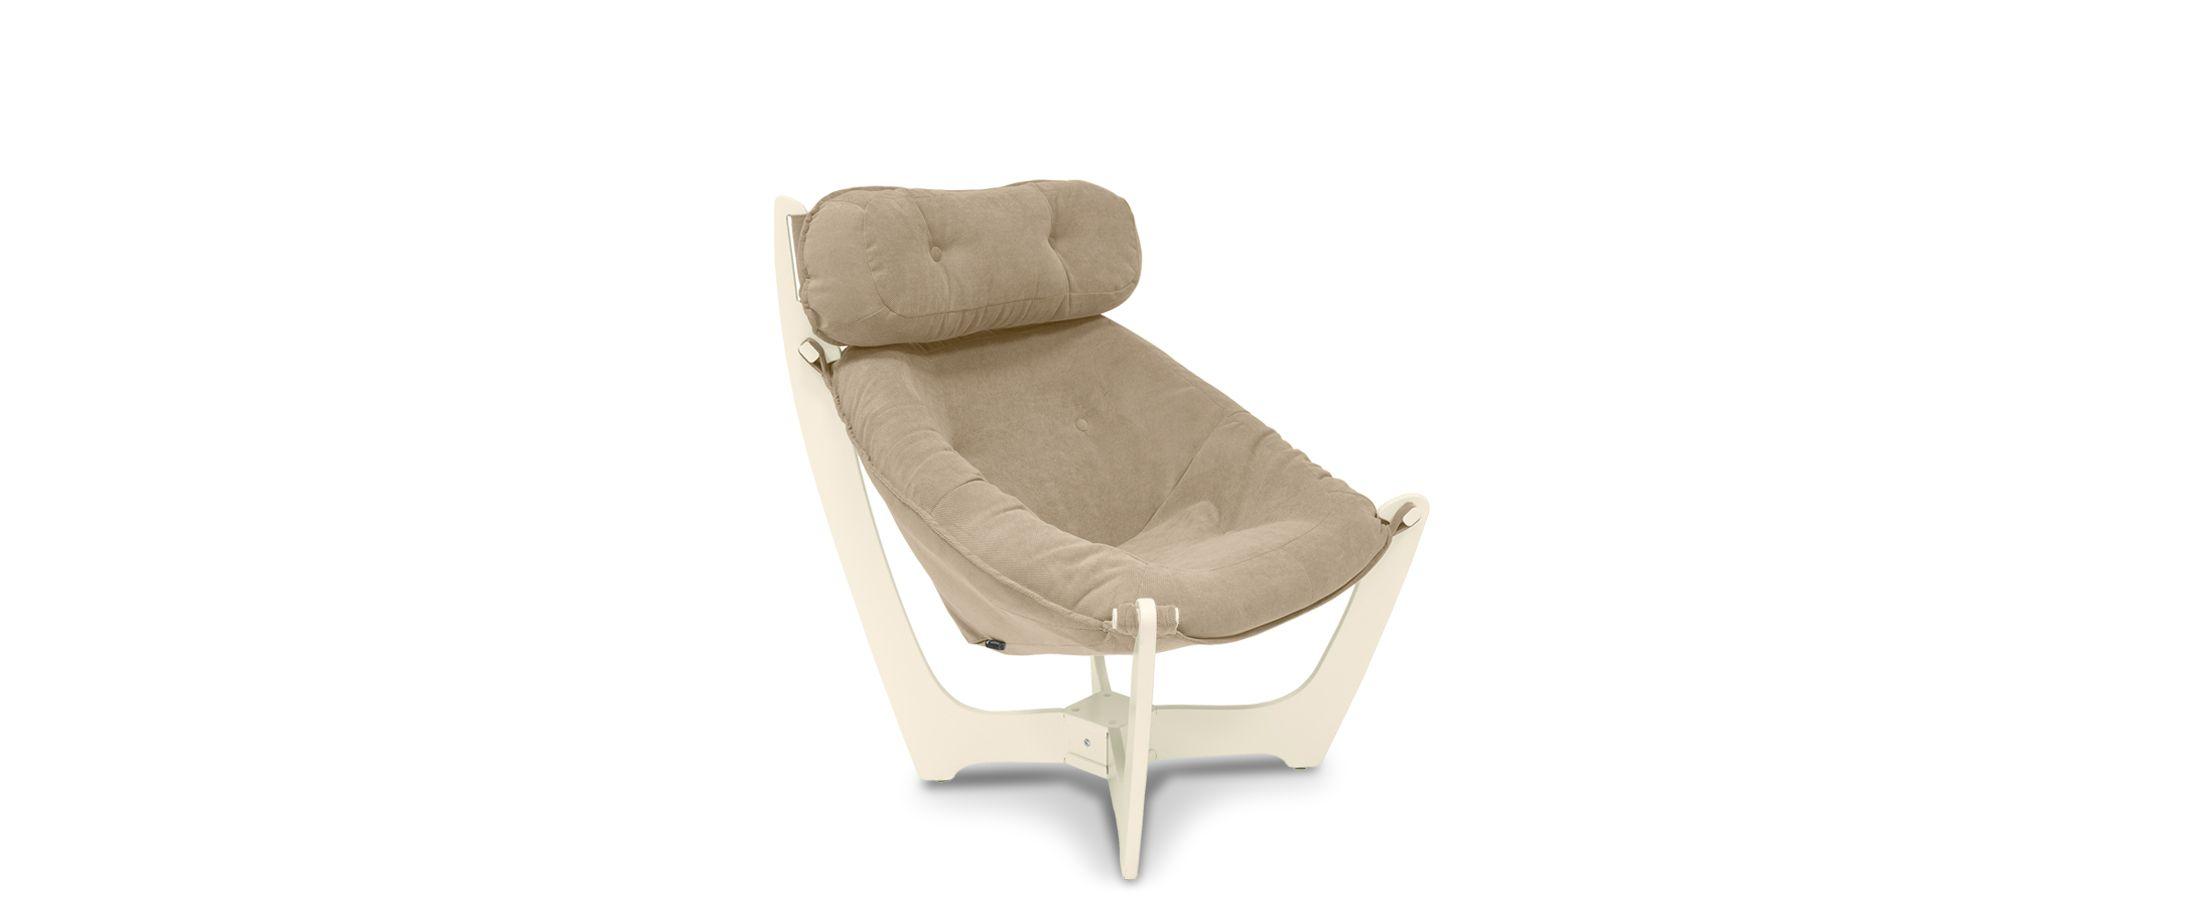 Кресло для отдыха 11Кресло для отдыха 11 ванильного цвета Модель 364 артикул С000116<br>